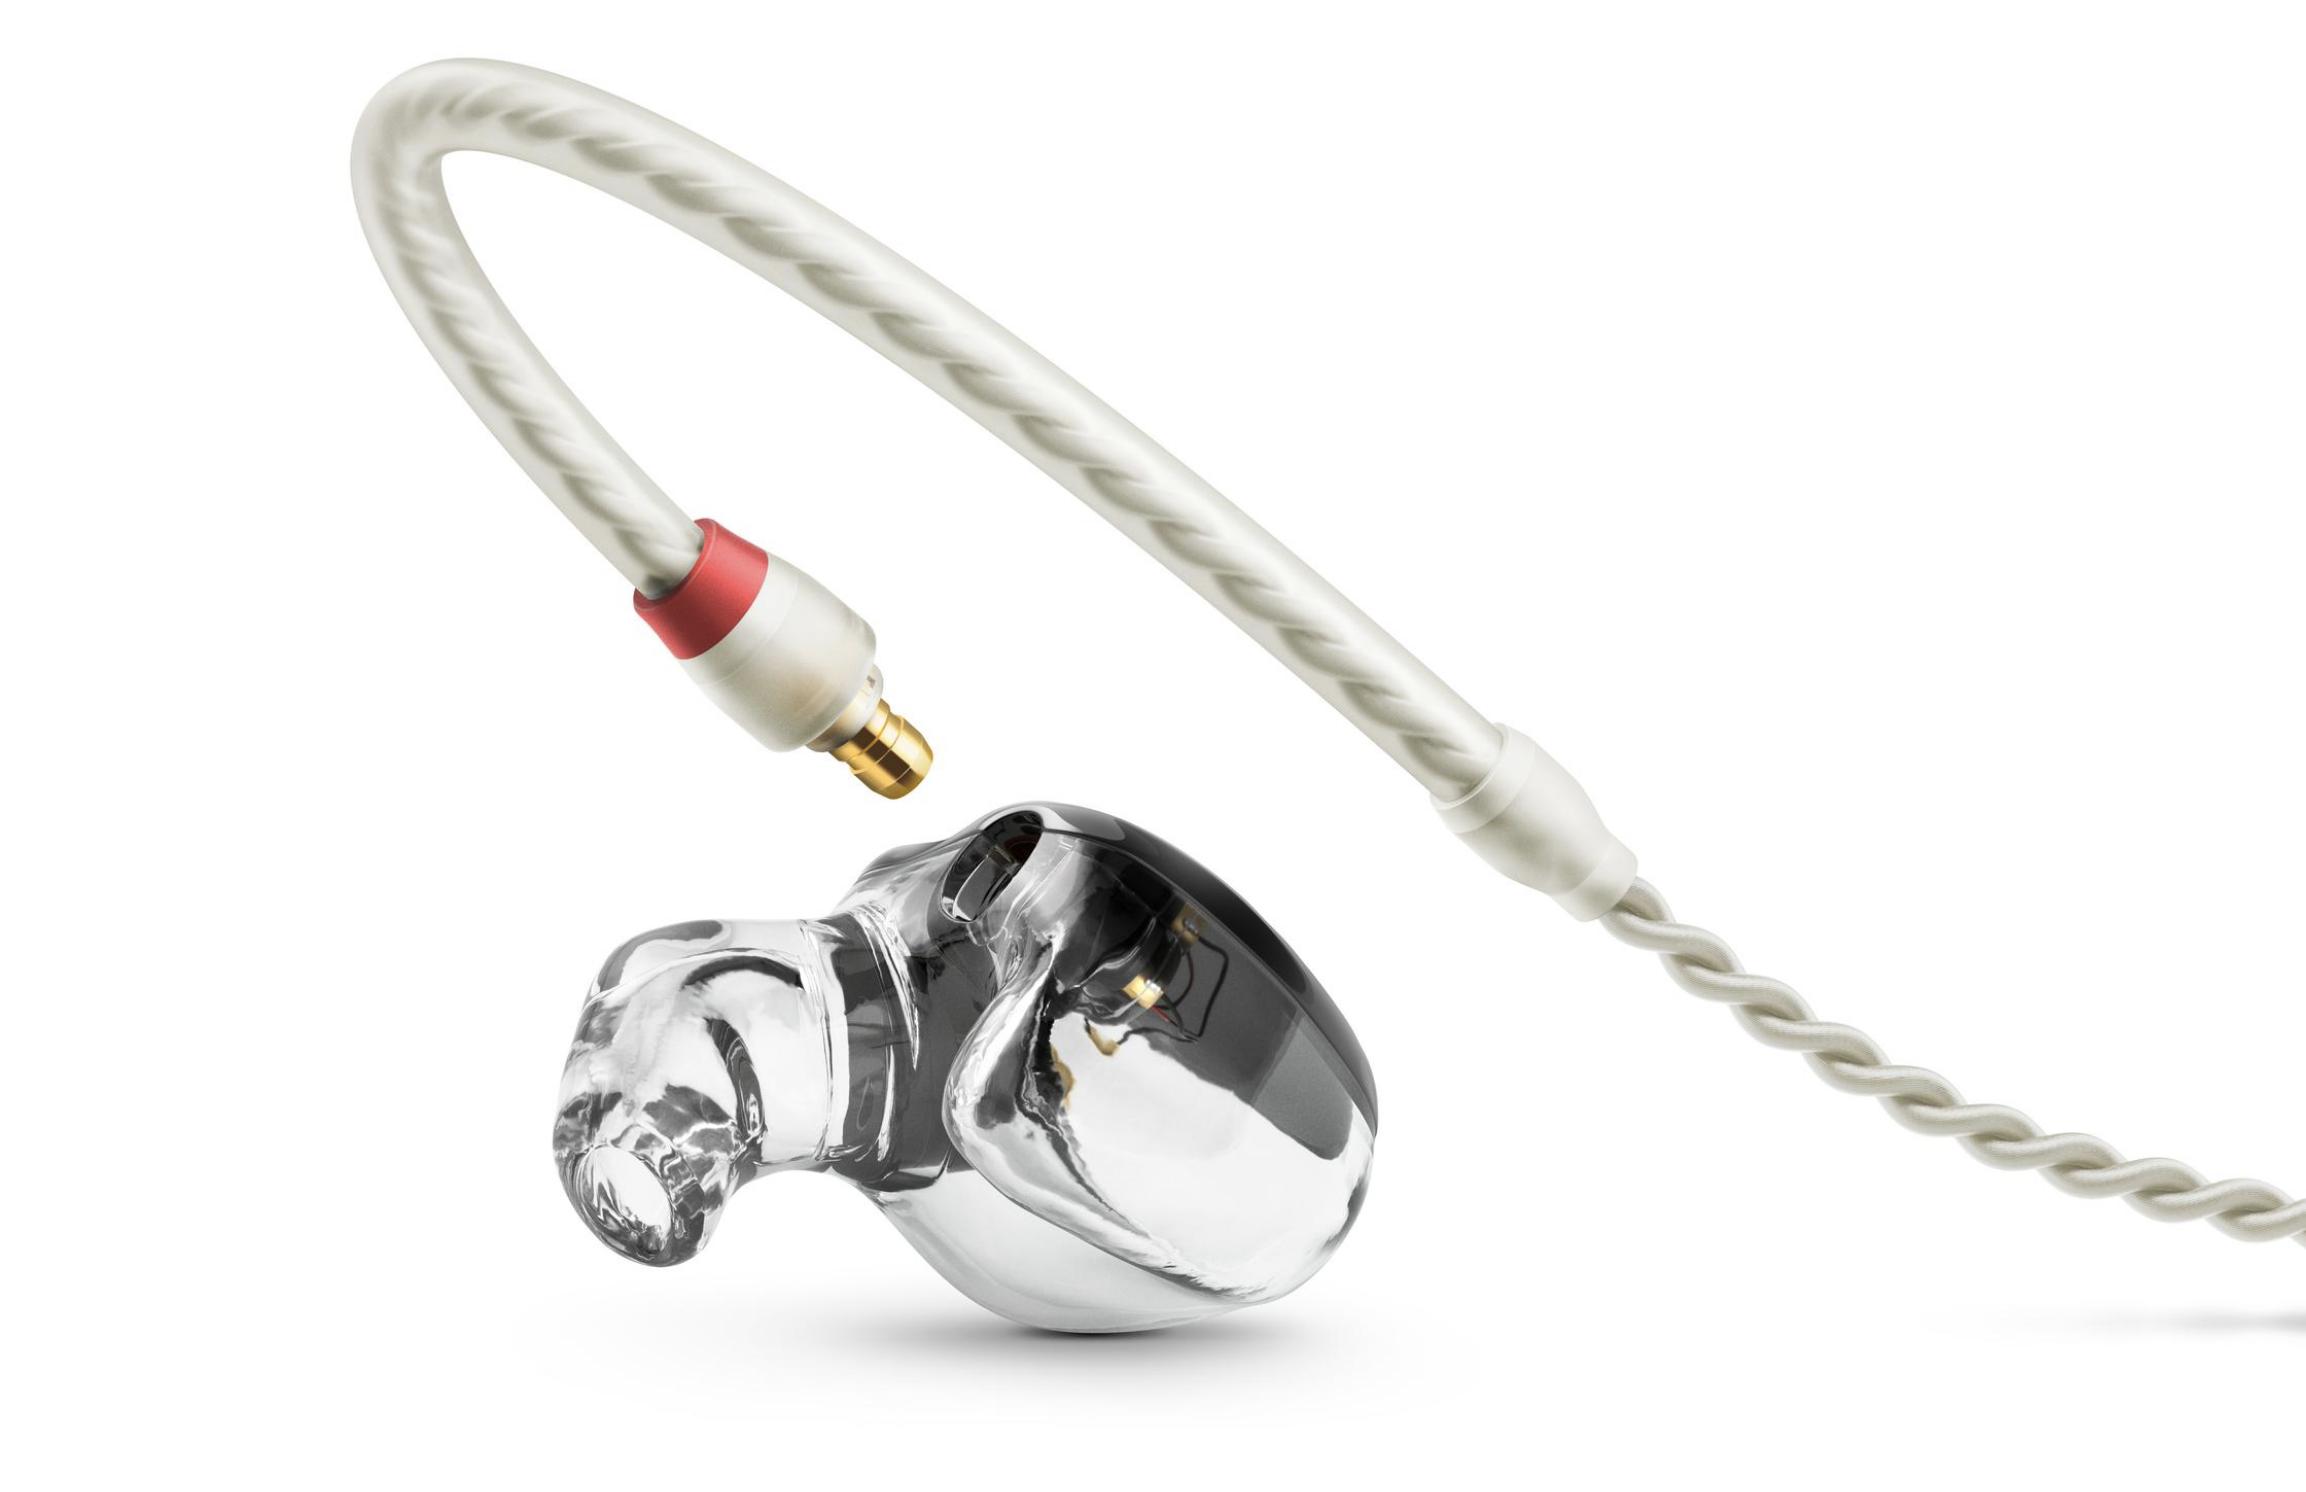 Kopfhörer und Kabel